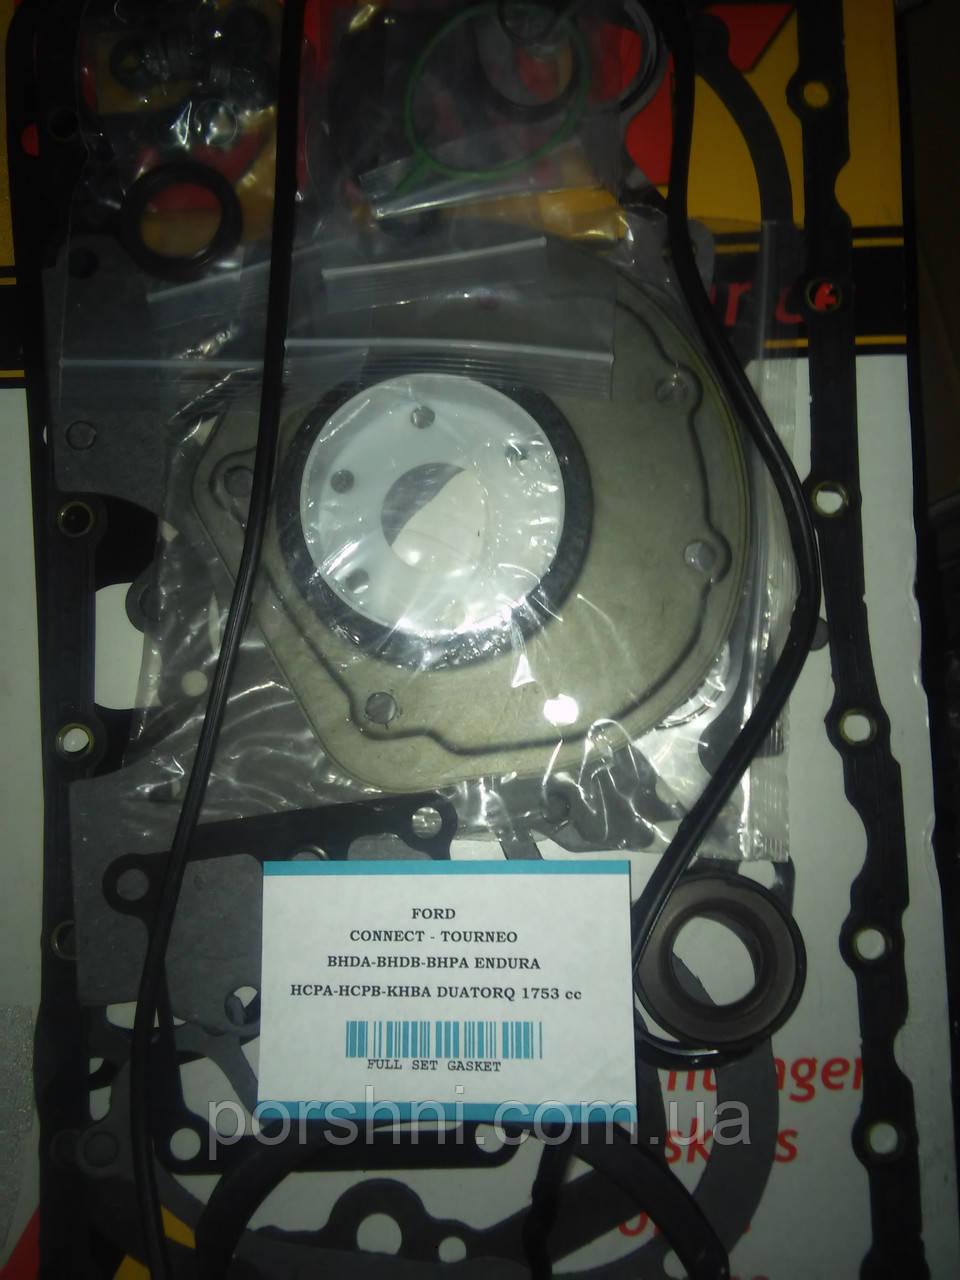 Комплект прокладок Ford Focus Conekt 1.8 DI